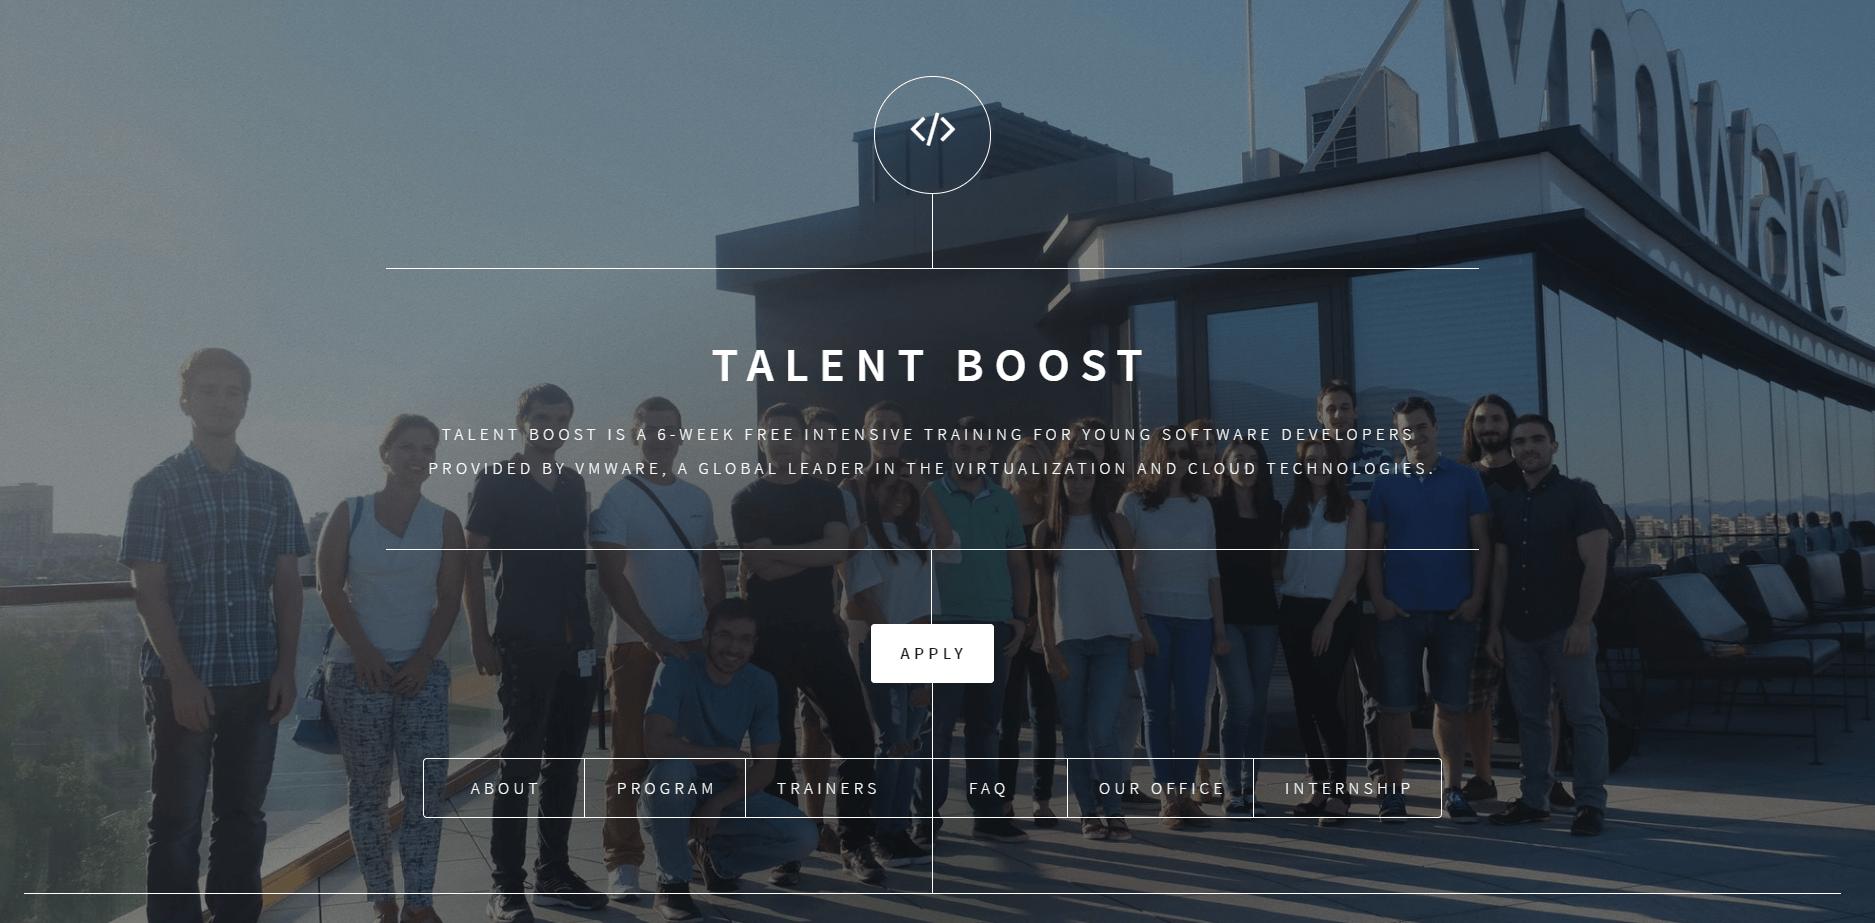 безплатното обучение Talent Boost